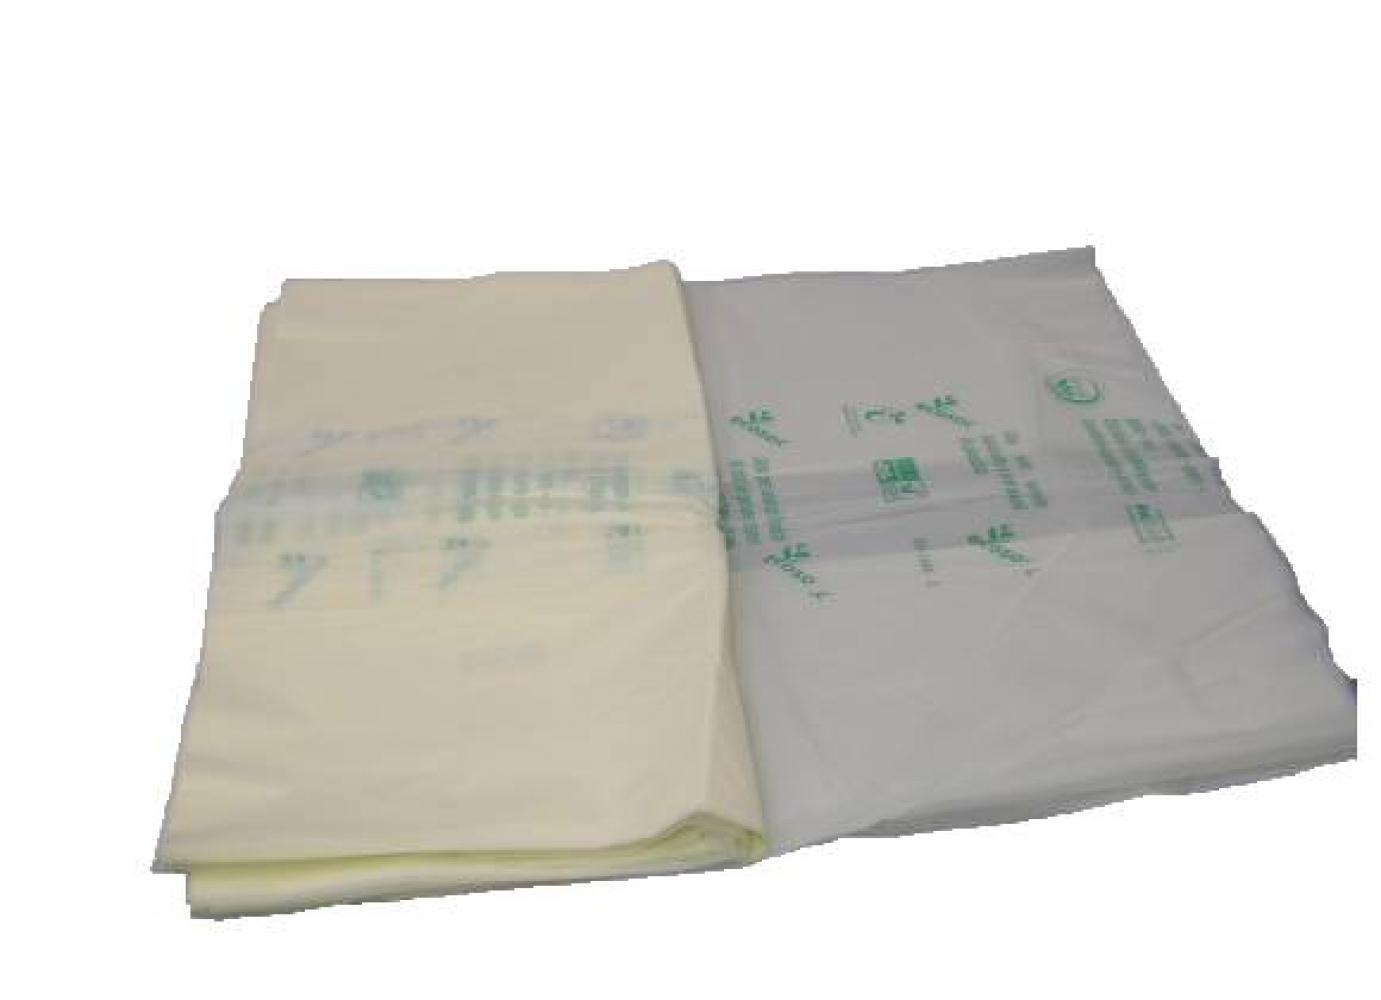 Acquista 20 Pezzi Sacco Mater-bi 70x70 17545829 | Glooke.com